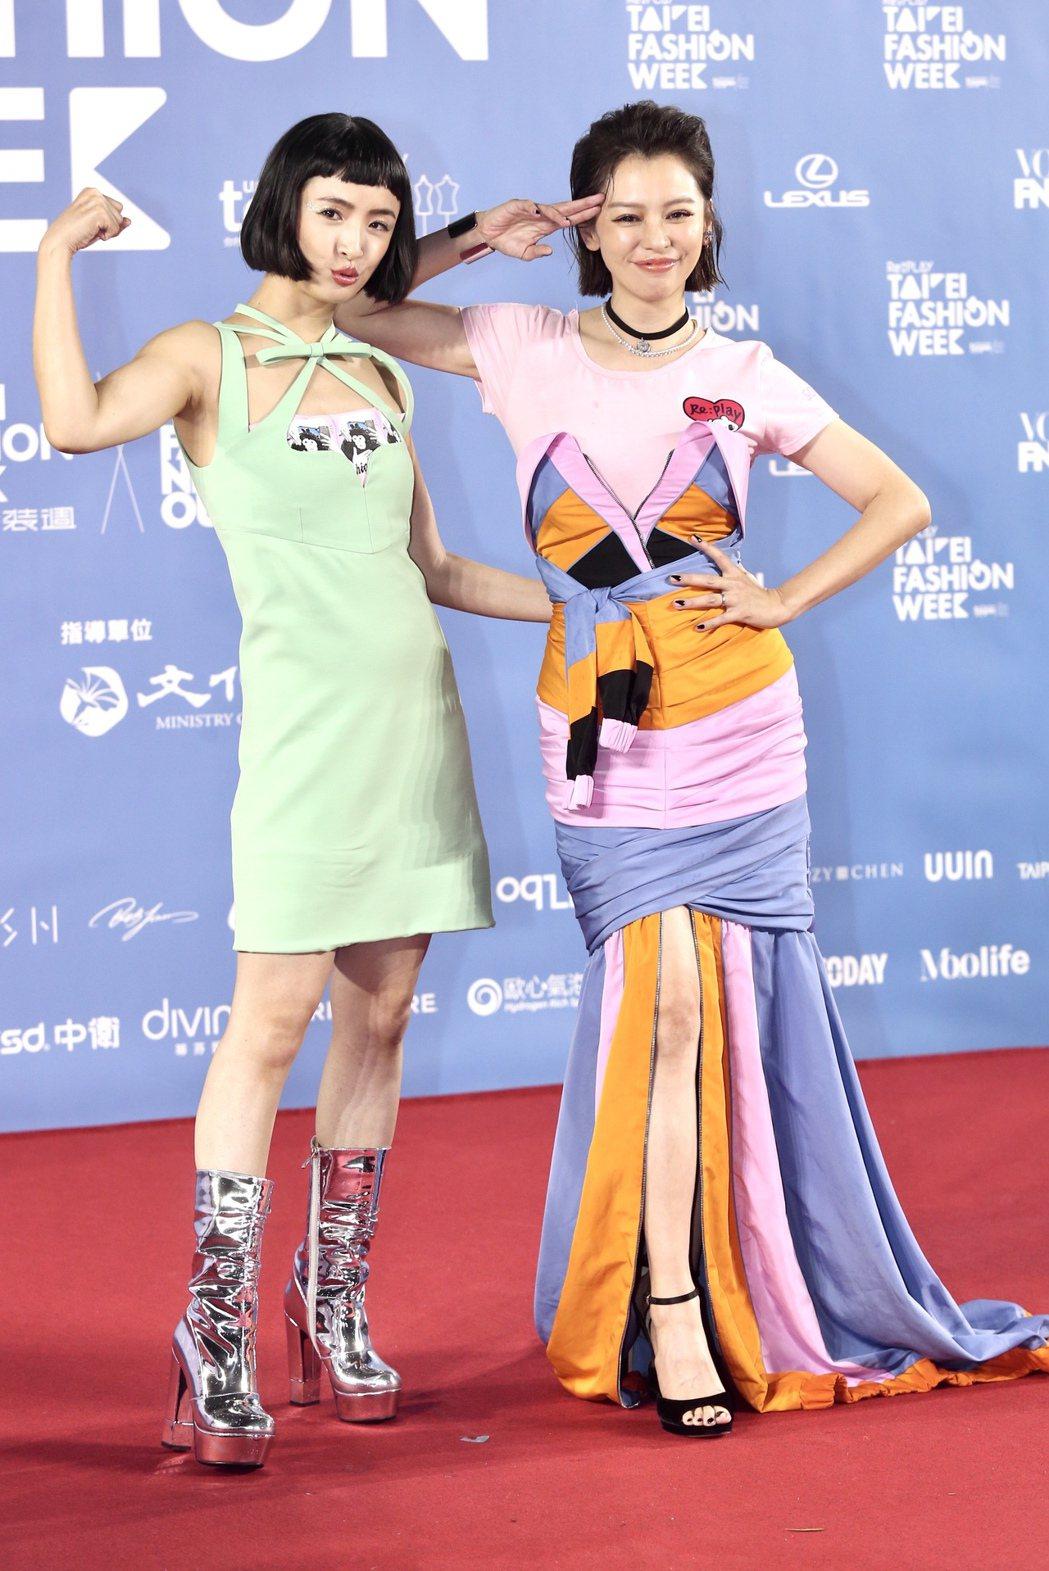 徐若瑄(右)、林依晨(左)出席台北時裝週時尚大秀。記者林俊良/攝影